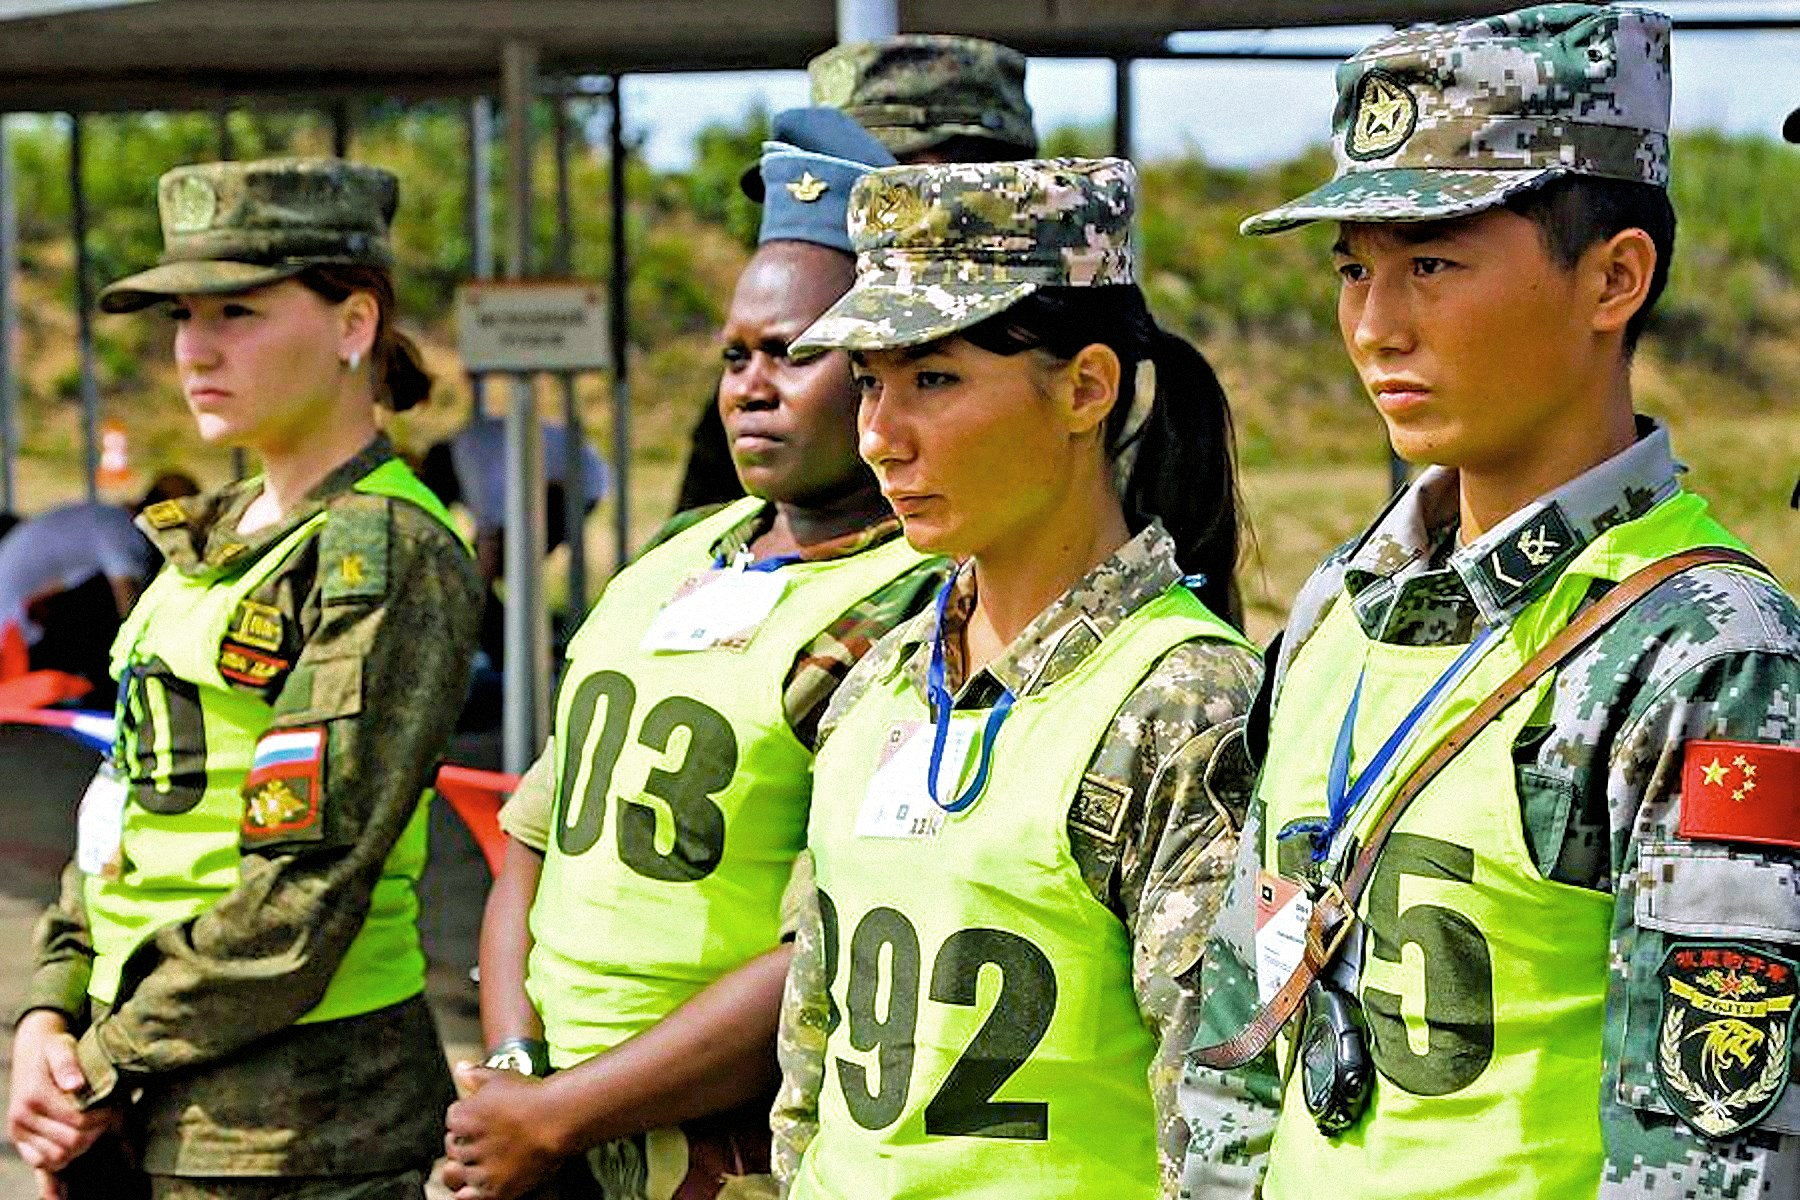 00 female soldiers china russia kazakhstan zimbabwe 050816